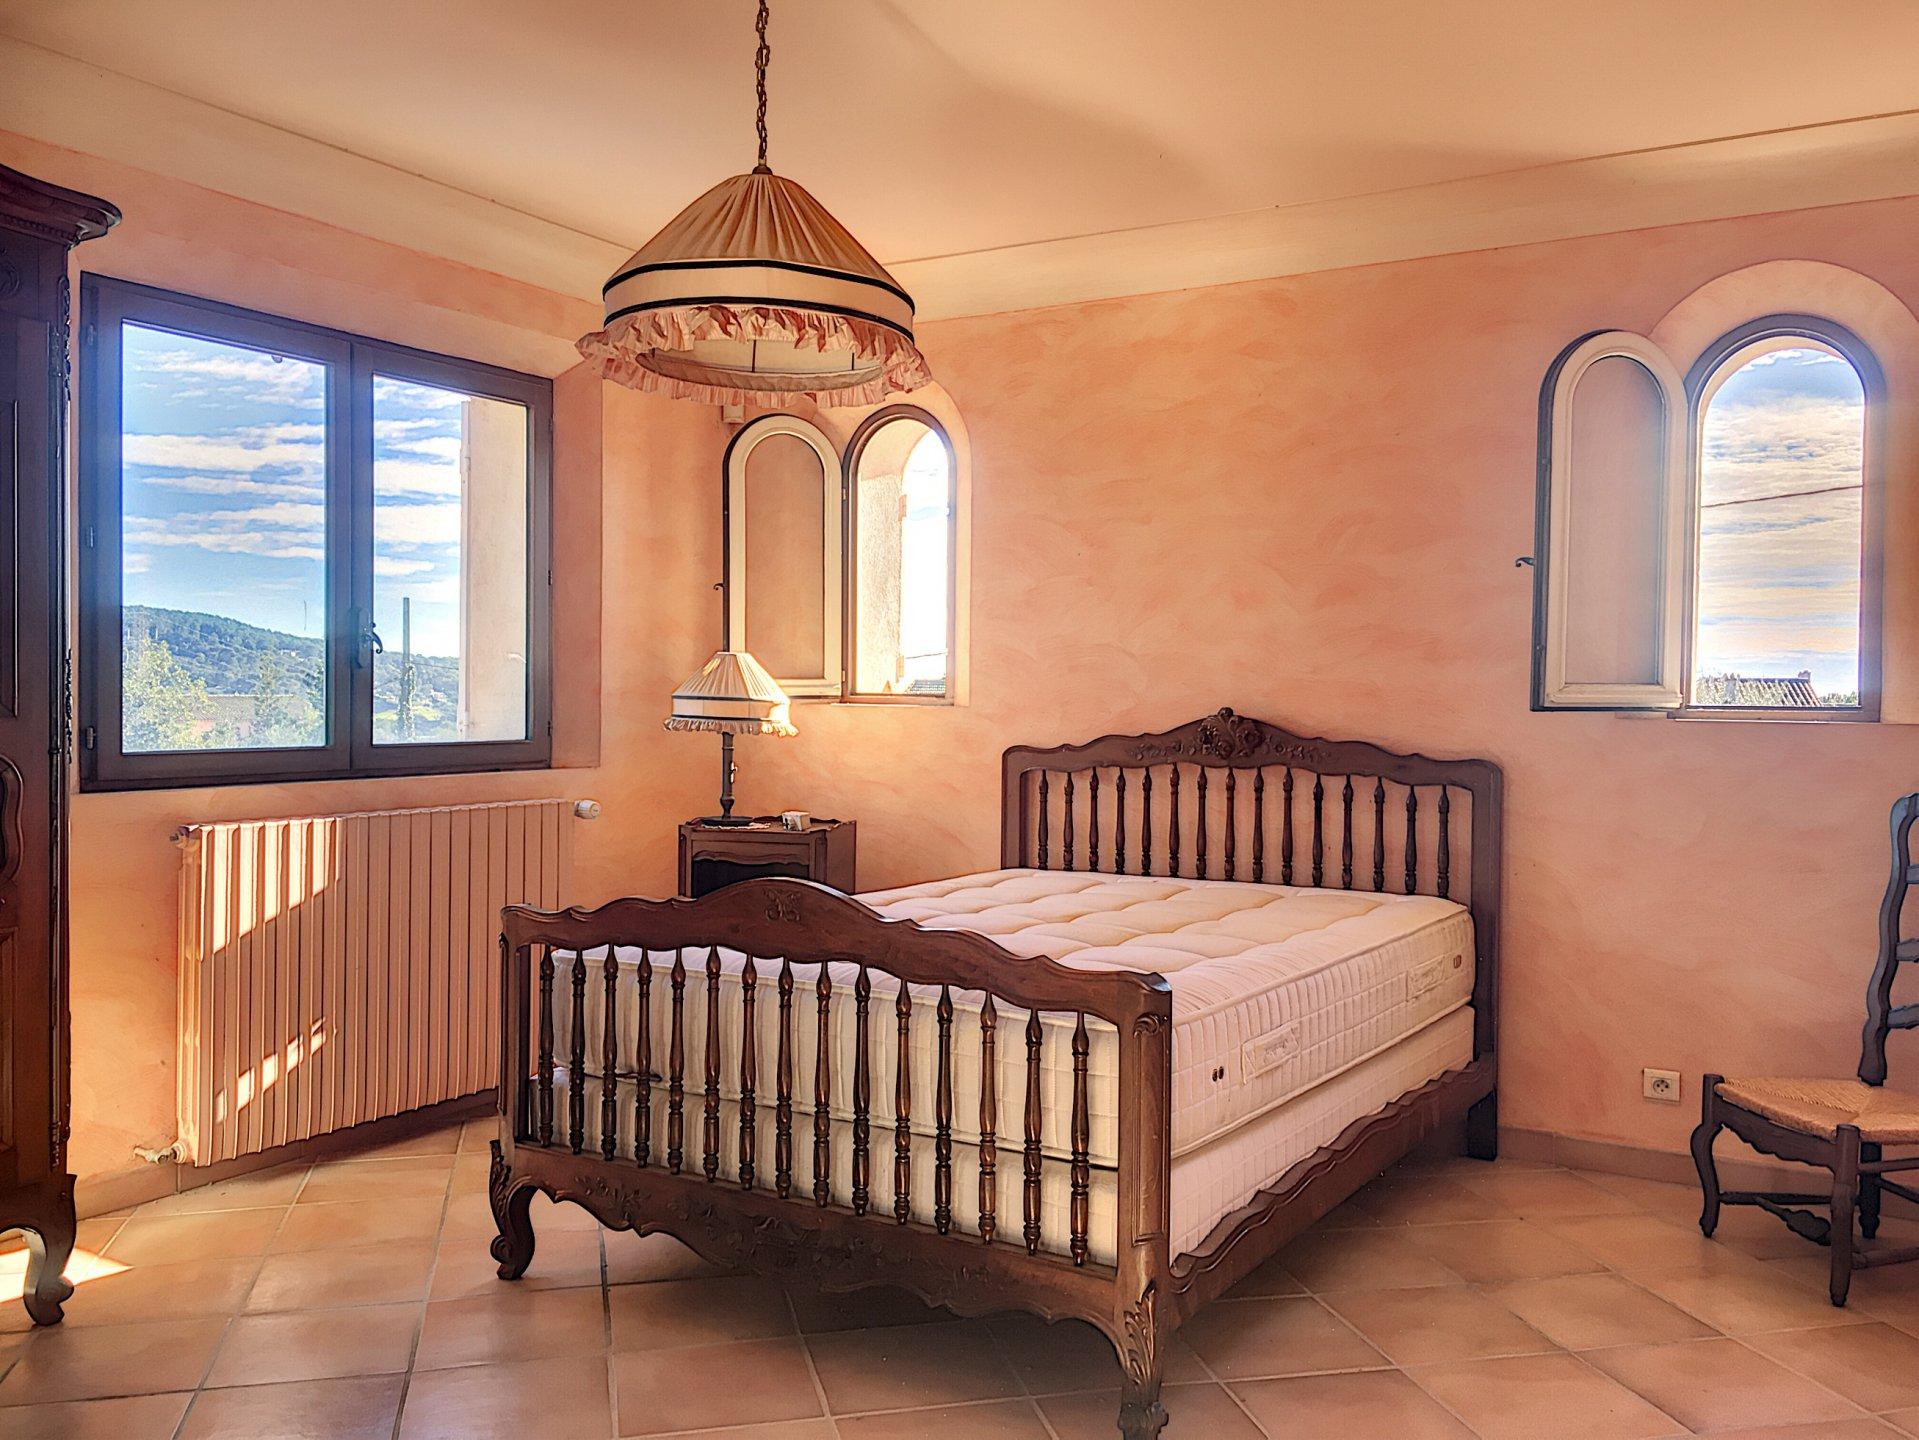 La Roquette, Villa familiale avec grand appartement indépendant